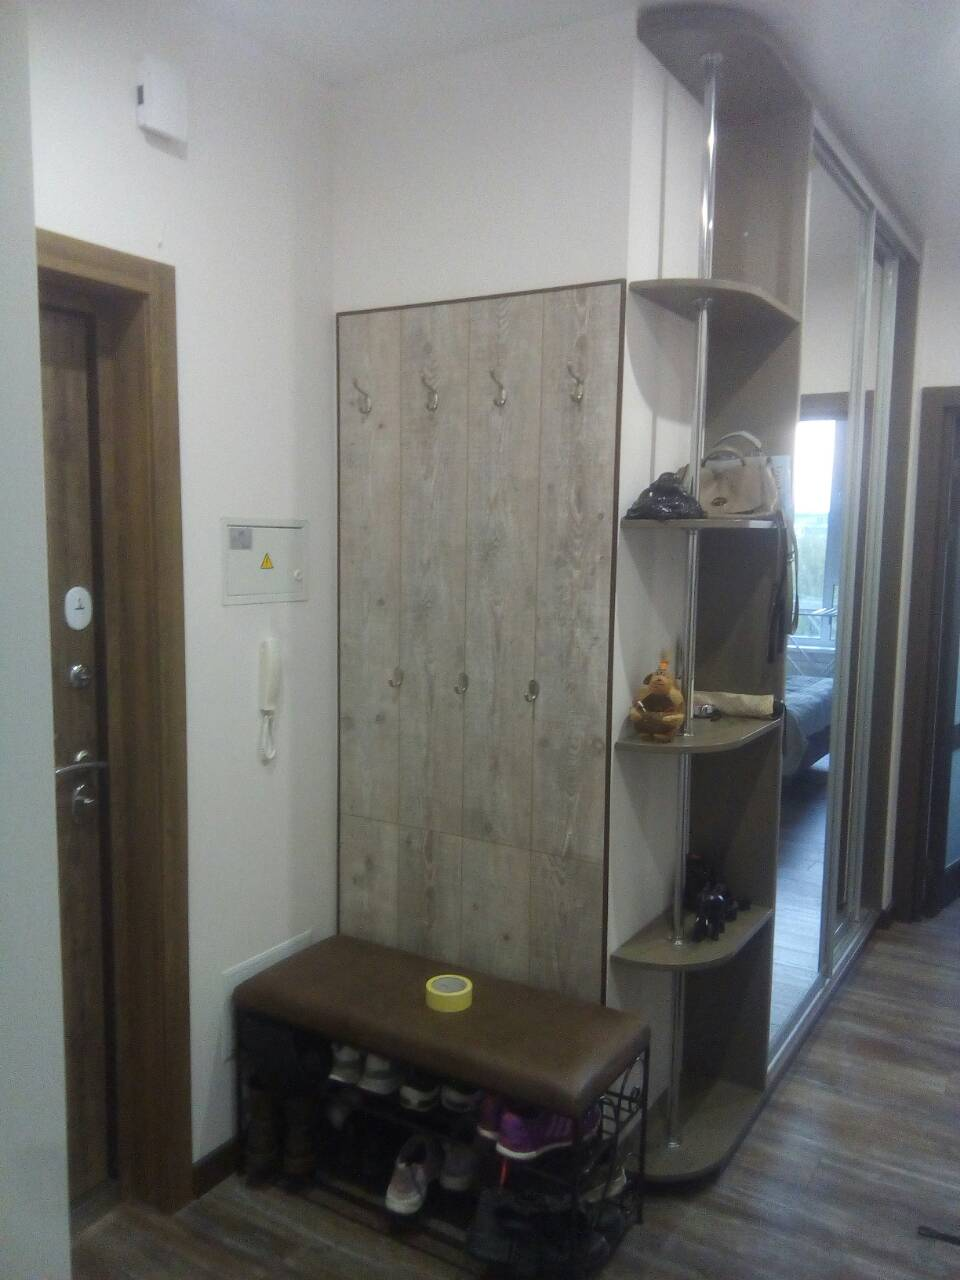 Фото Приклеить ламинат и полку к нему на стену. Нужна помощь в закупке материалов